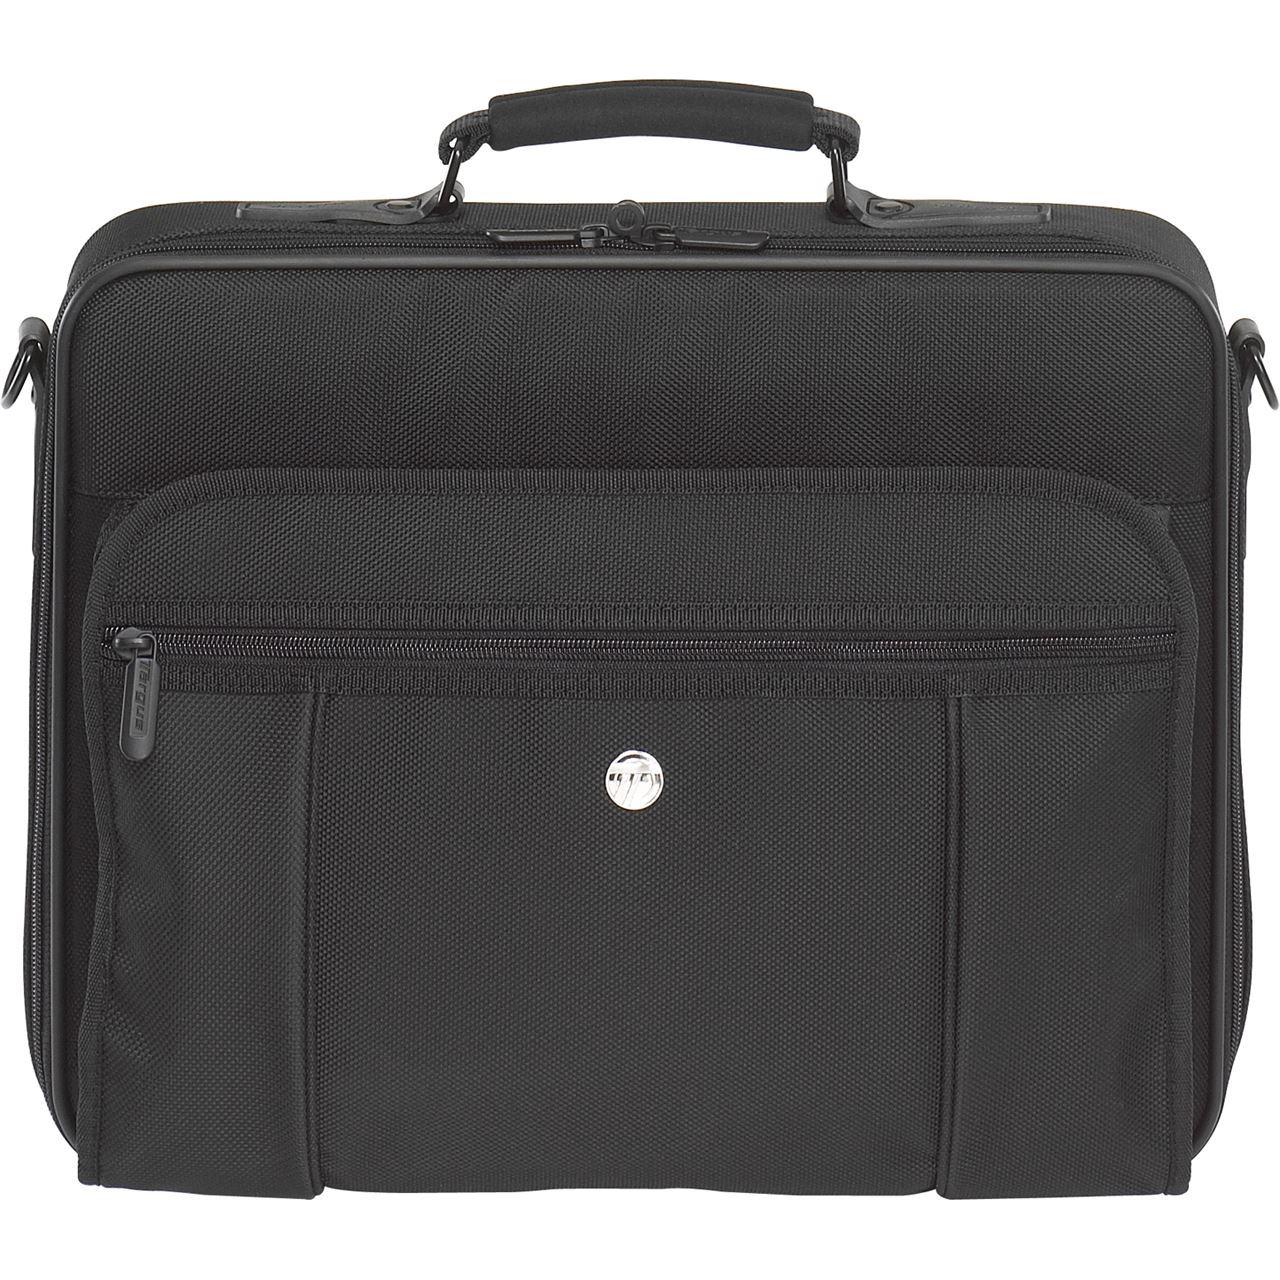 ... u0026 Bags / Shoulder Bags / Briefcases / 15.4u201d Premiere Laptop Case